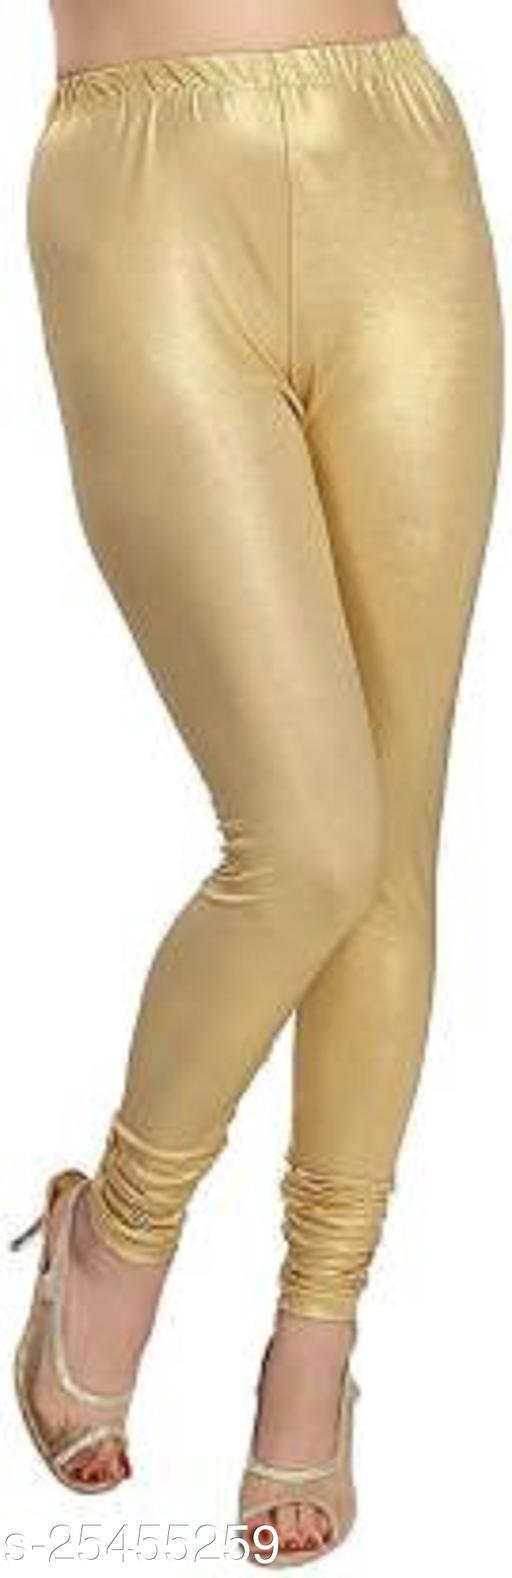 Stylish Golden Legging Shimar Material